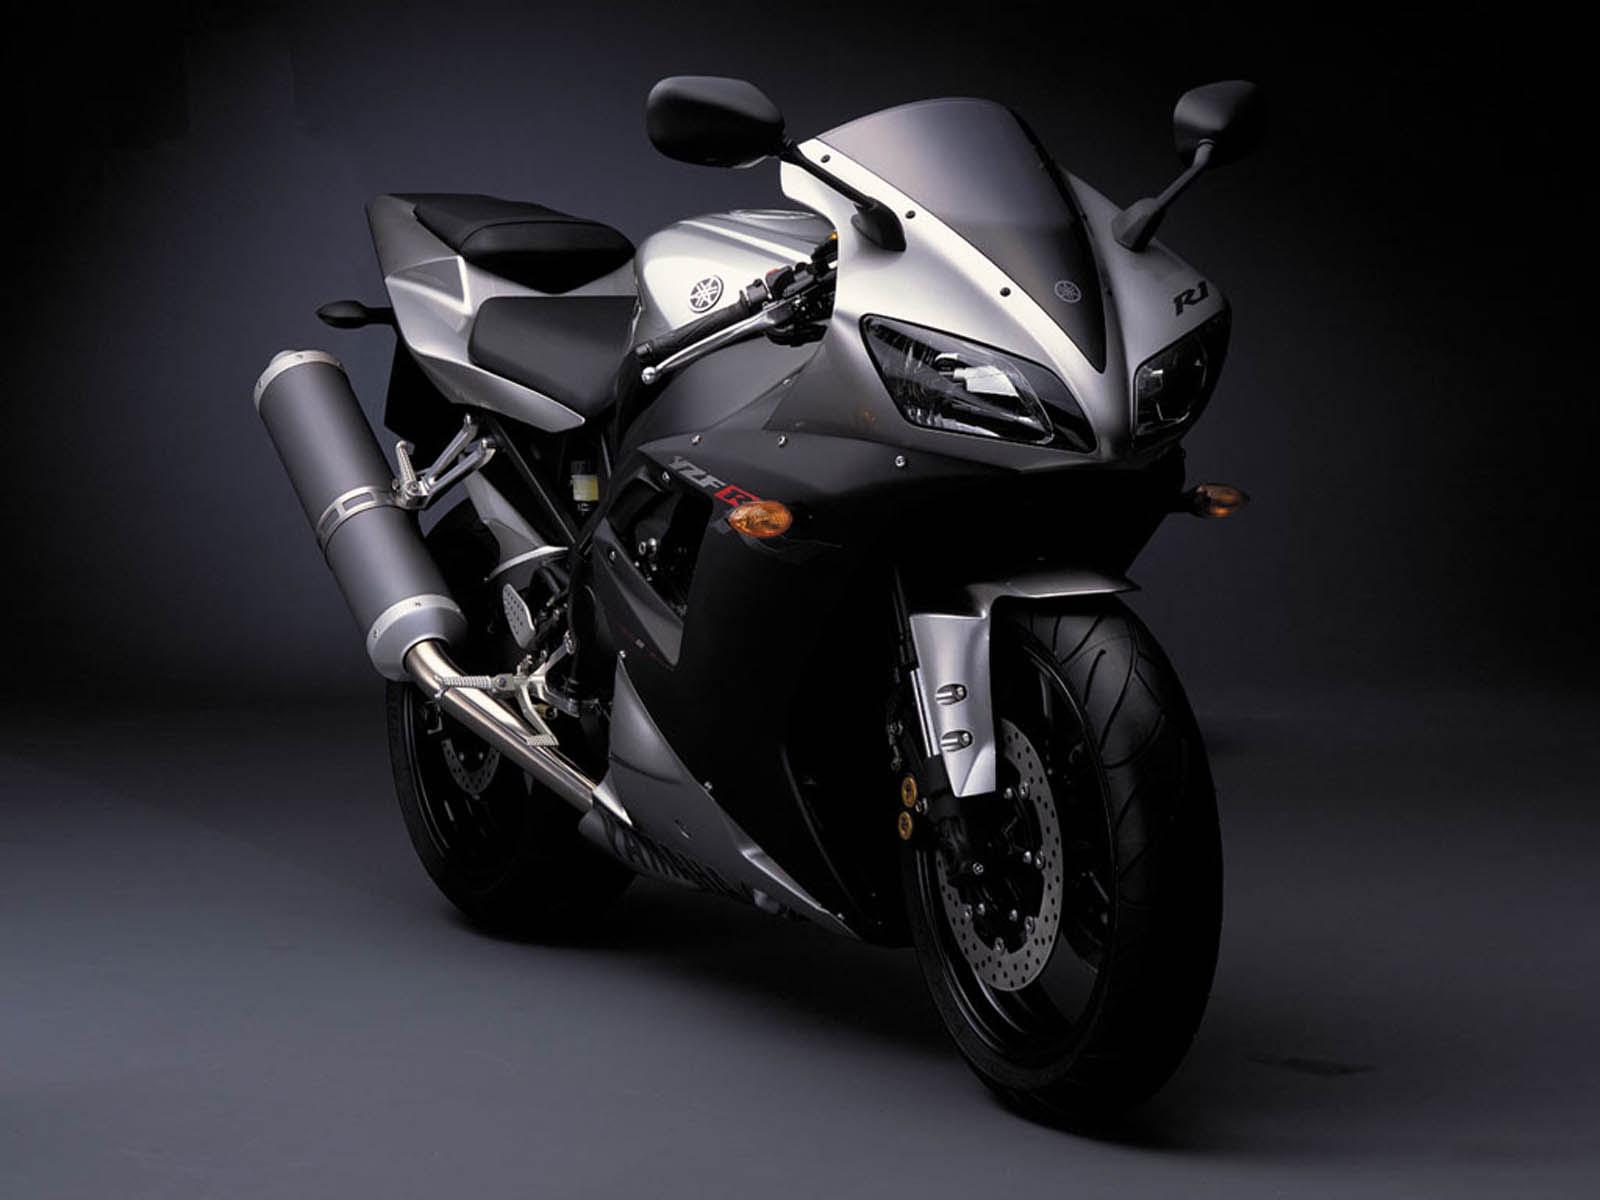 motorcycle wallpaper desktop backgrounds - photo #11